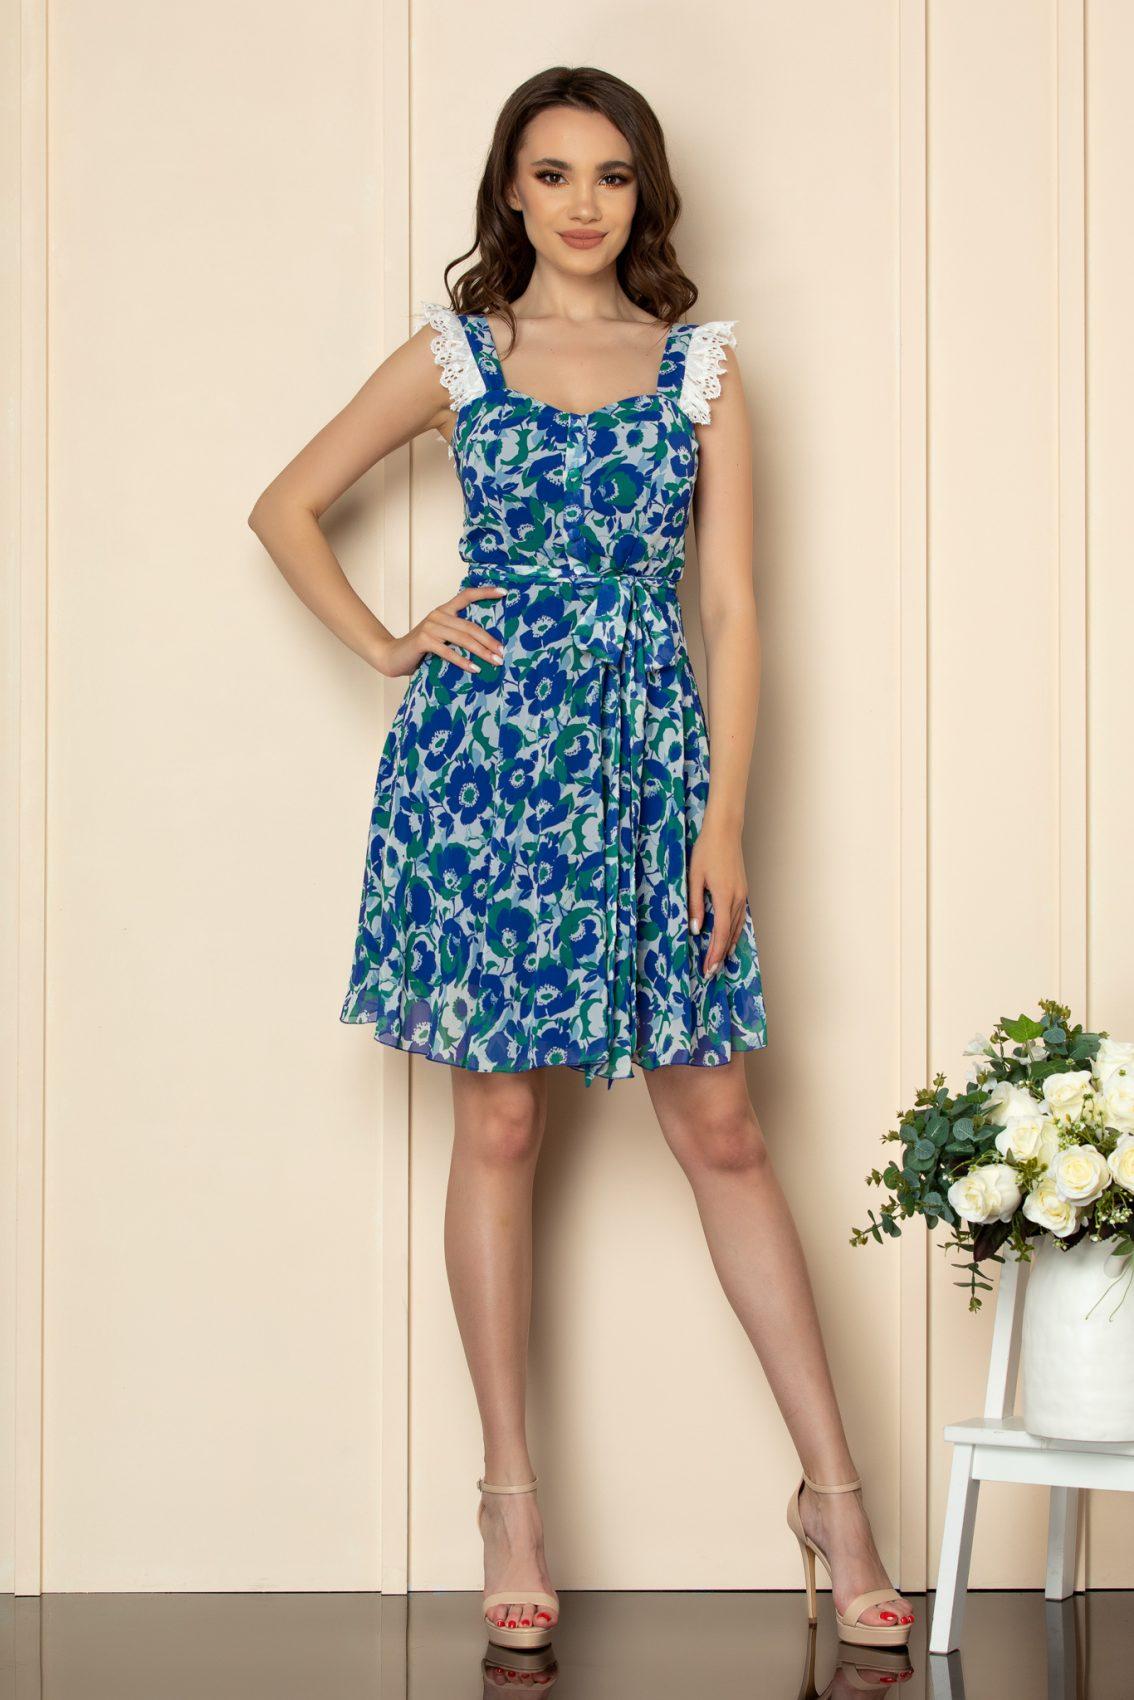 Μπλε Εμπριμέ Φόρεμα Με Δαντέλα Freya A537 1